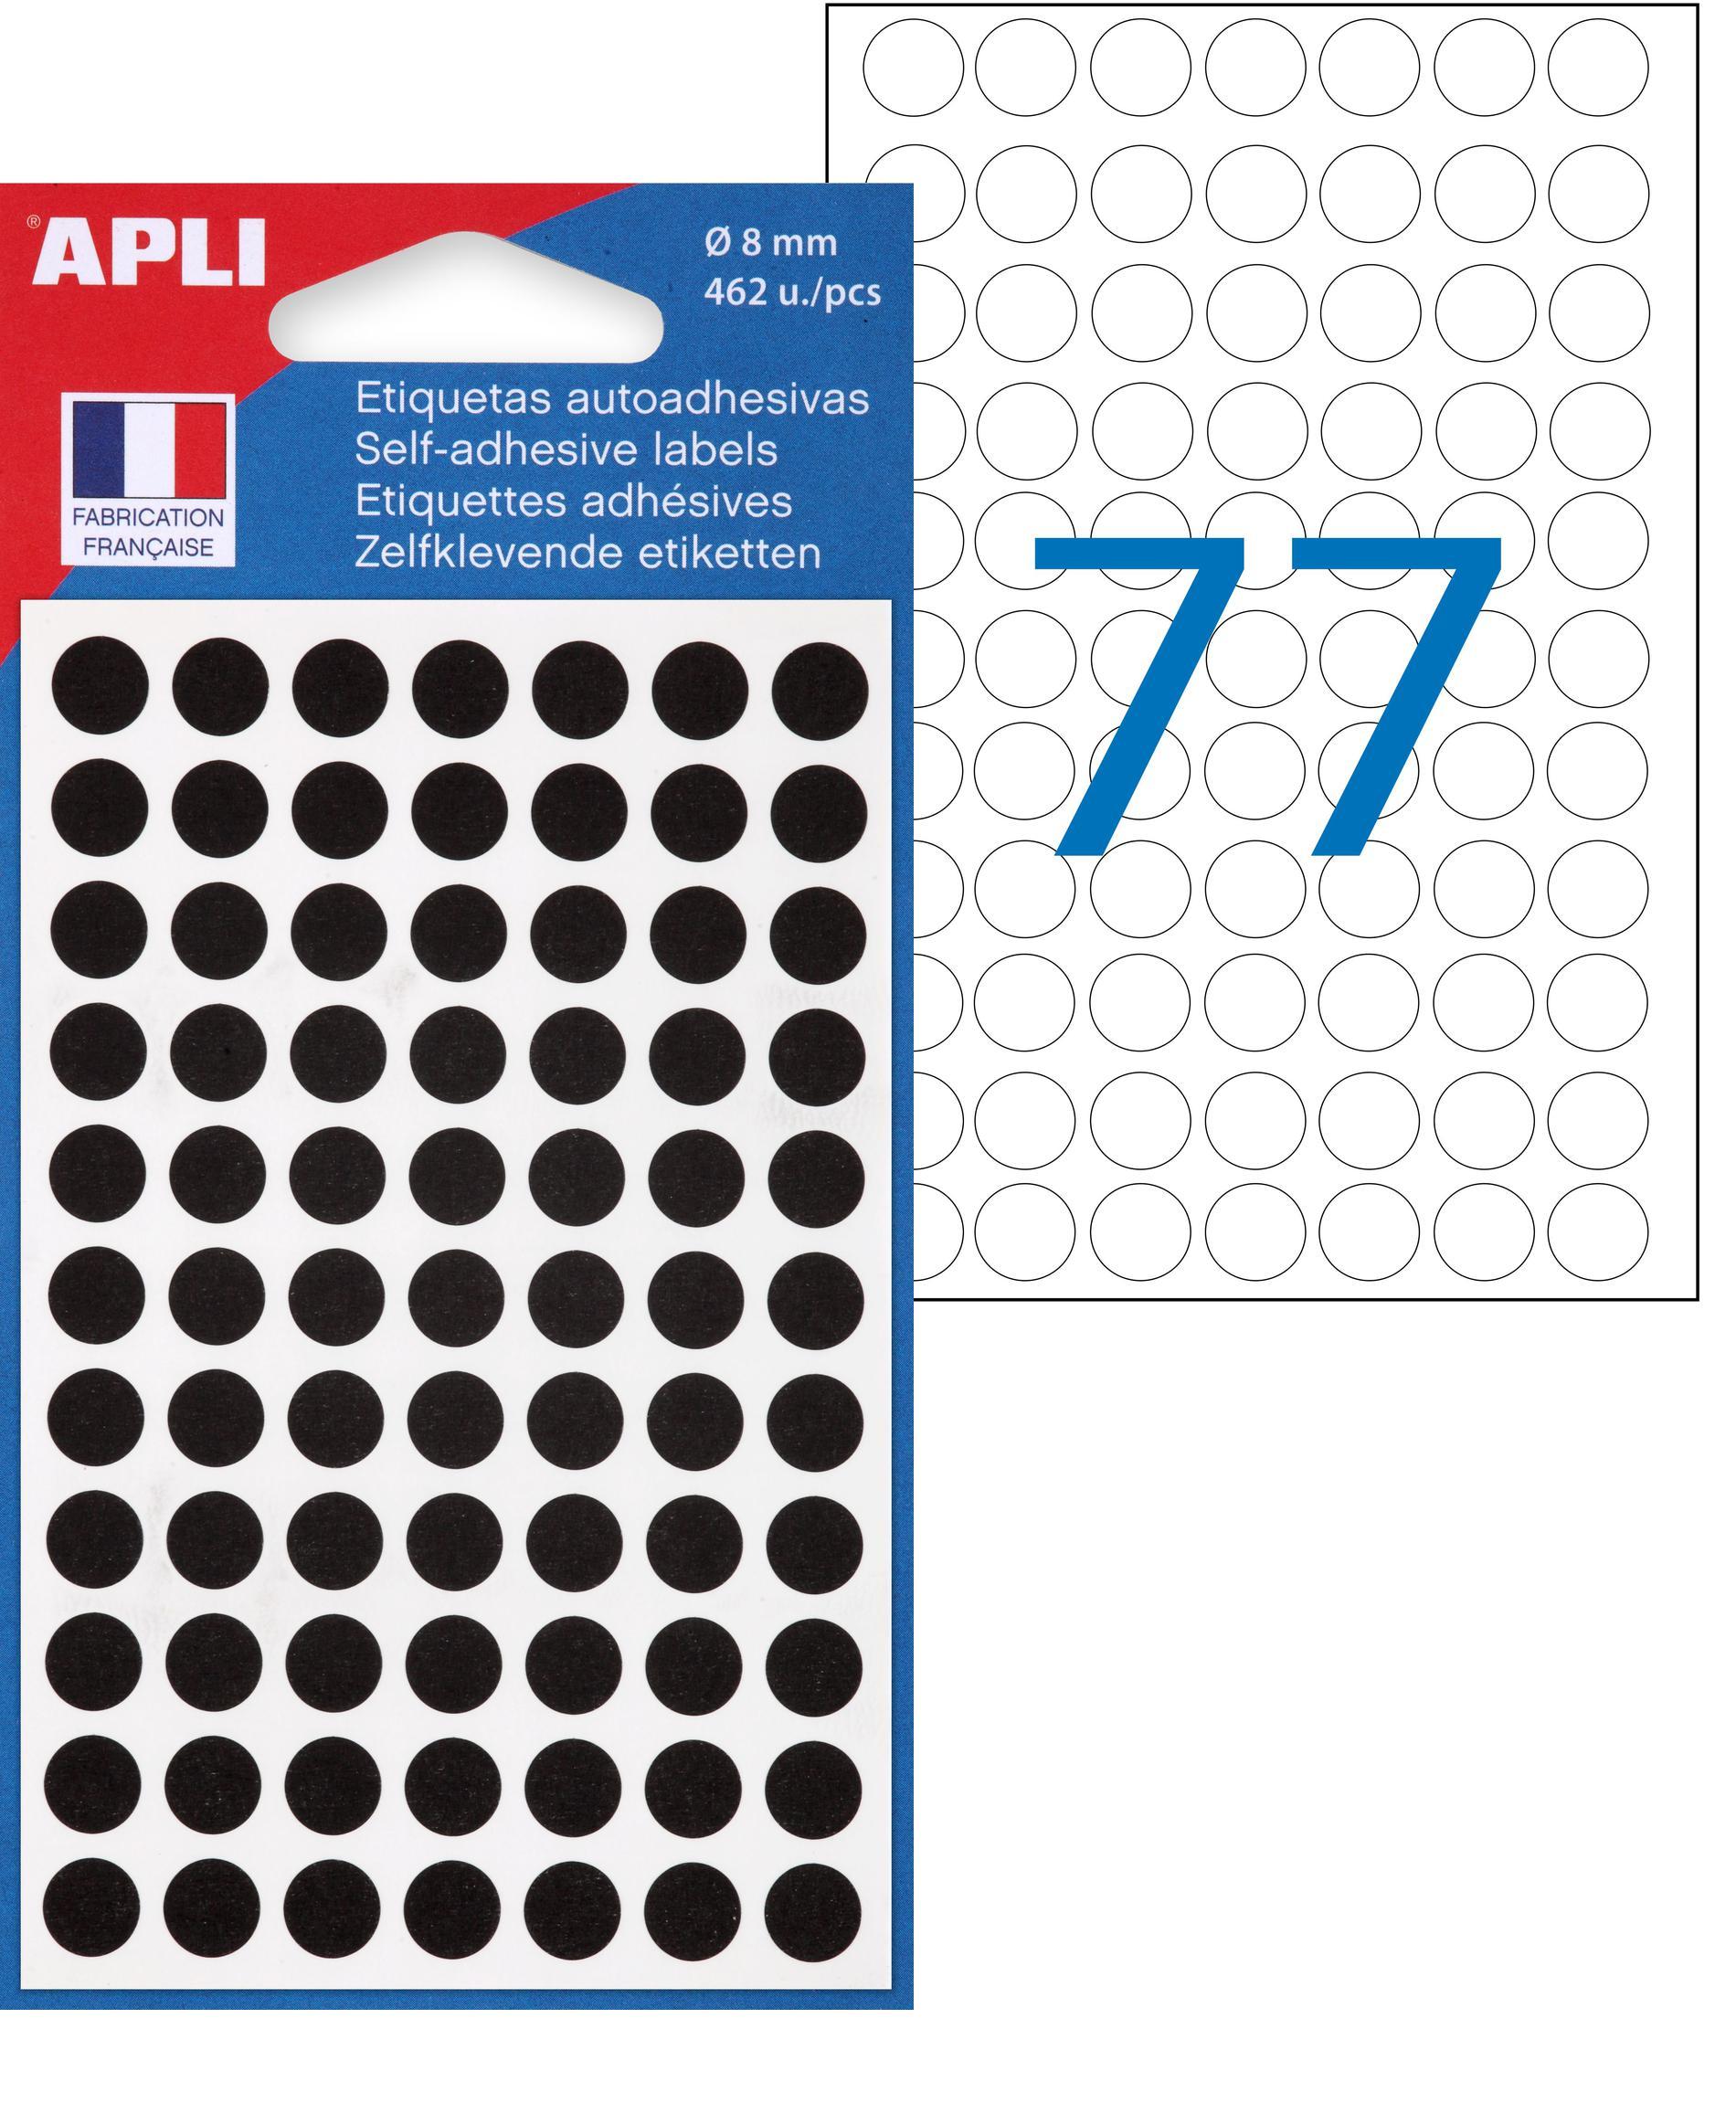 Apli Agipa - 462 Pastilles adhésives - noir - diamètre 8 mm - réf 111837